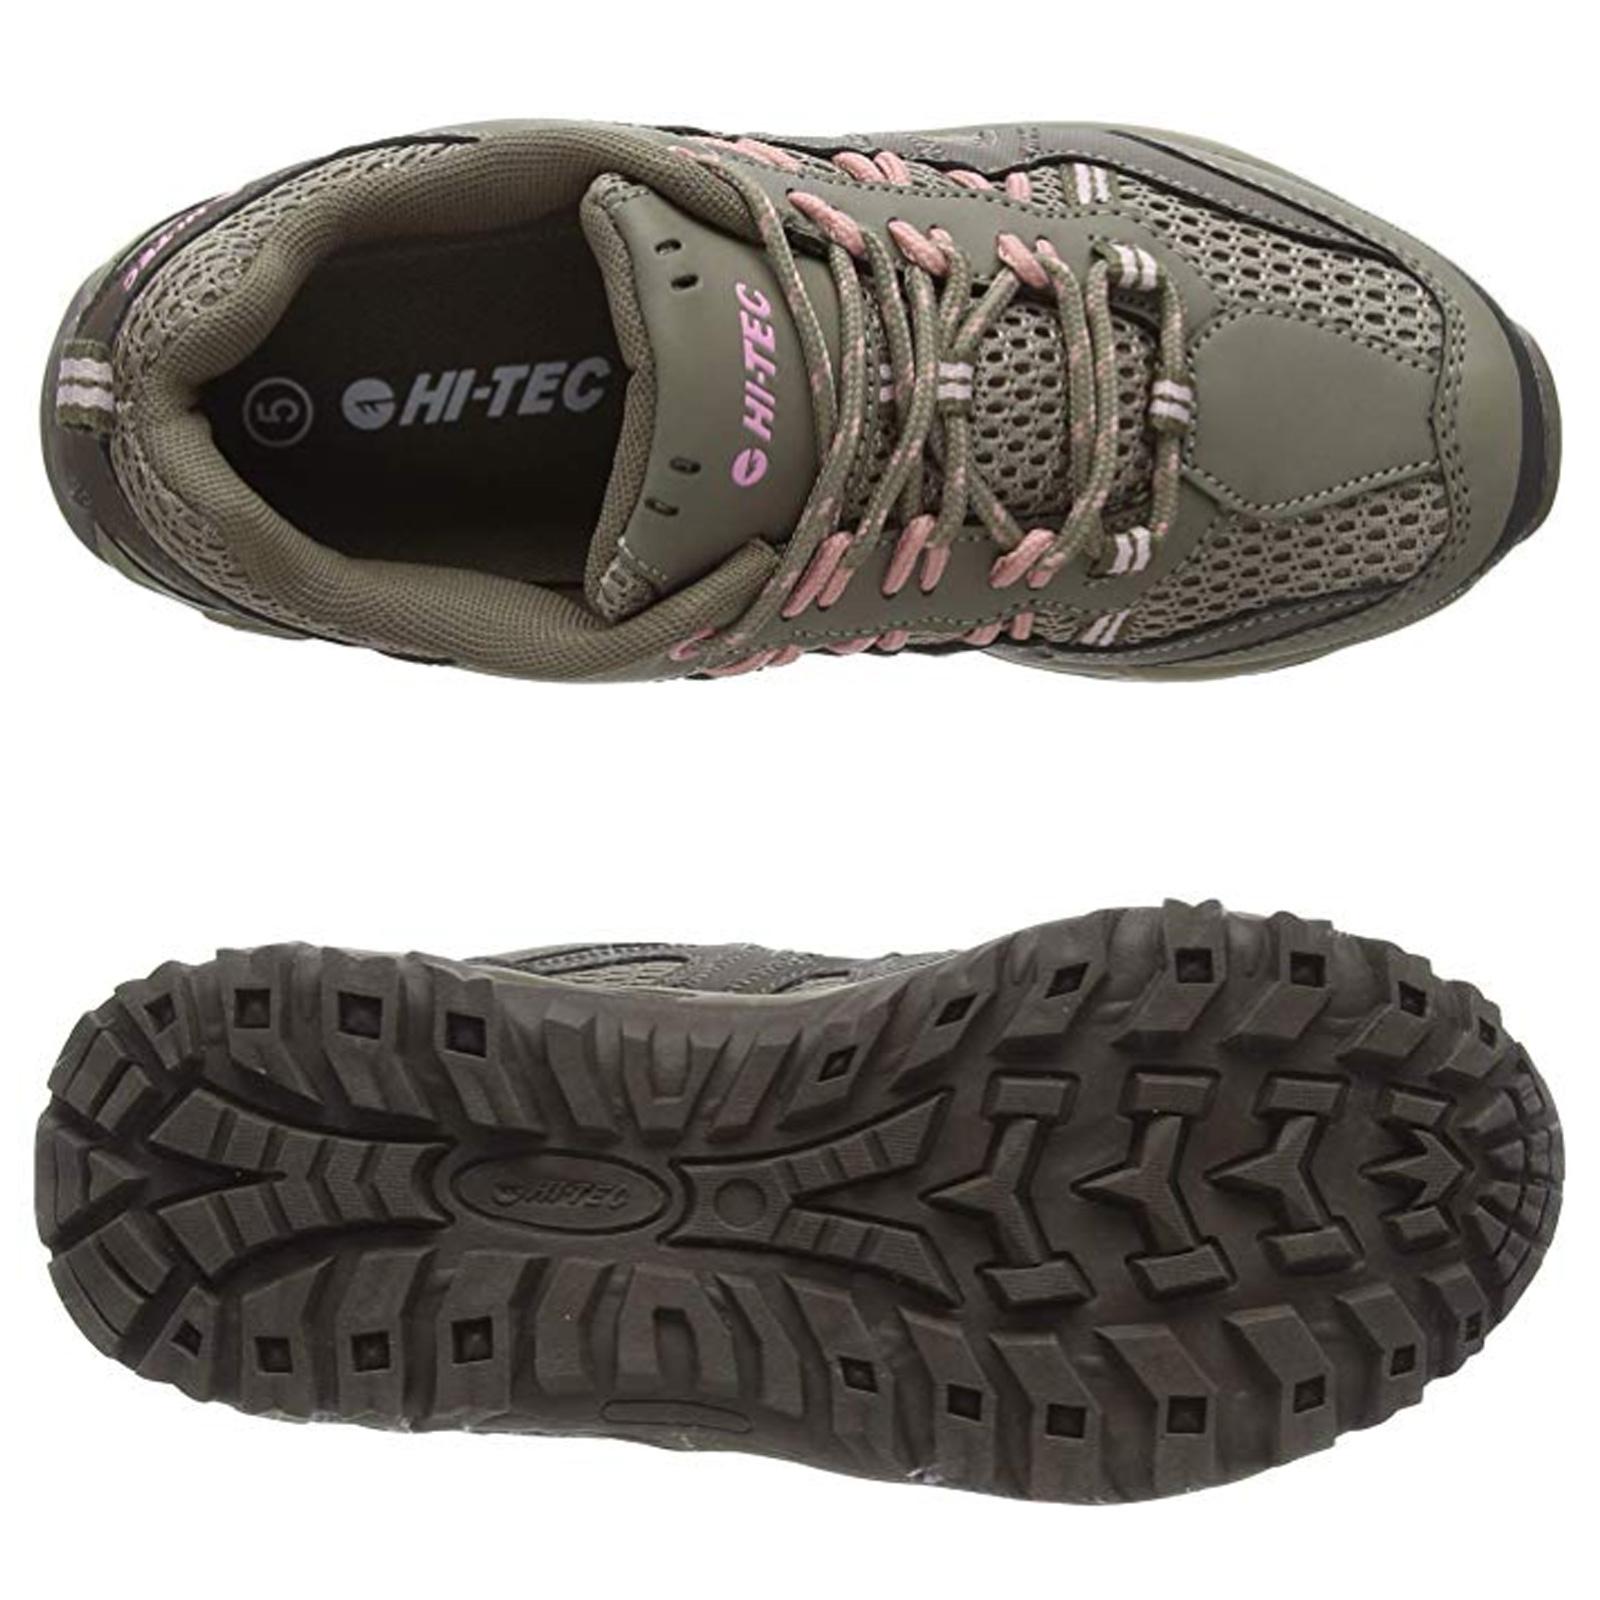 e56afec6 Details about 2019 Hi-Tec Ladies Jaguar Walking Shoes New Womens Hiking  Outdoor Trail Trainers